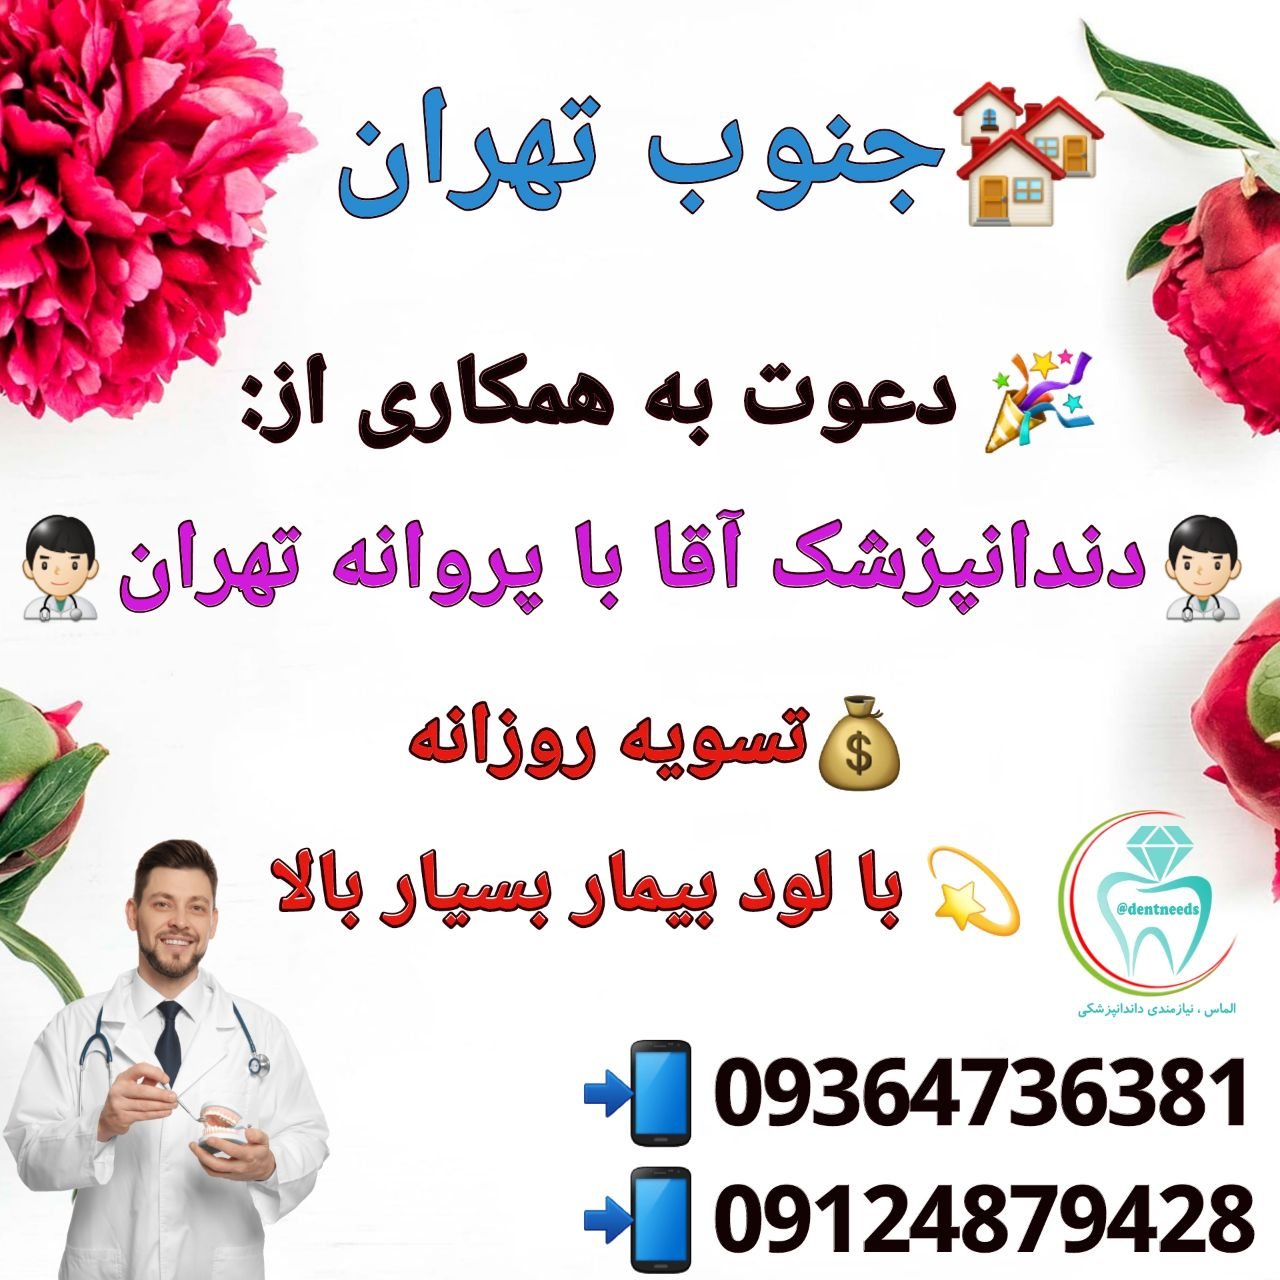 جنوب تهران، دعوت به همکاری از دندانپزشک آقا با پروانه تهران